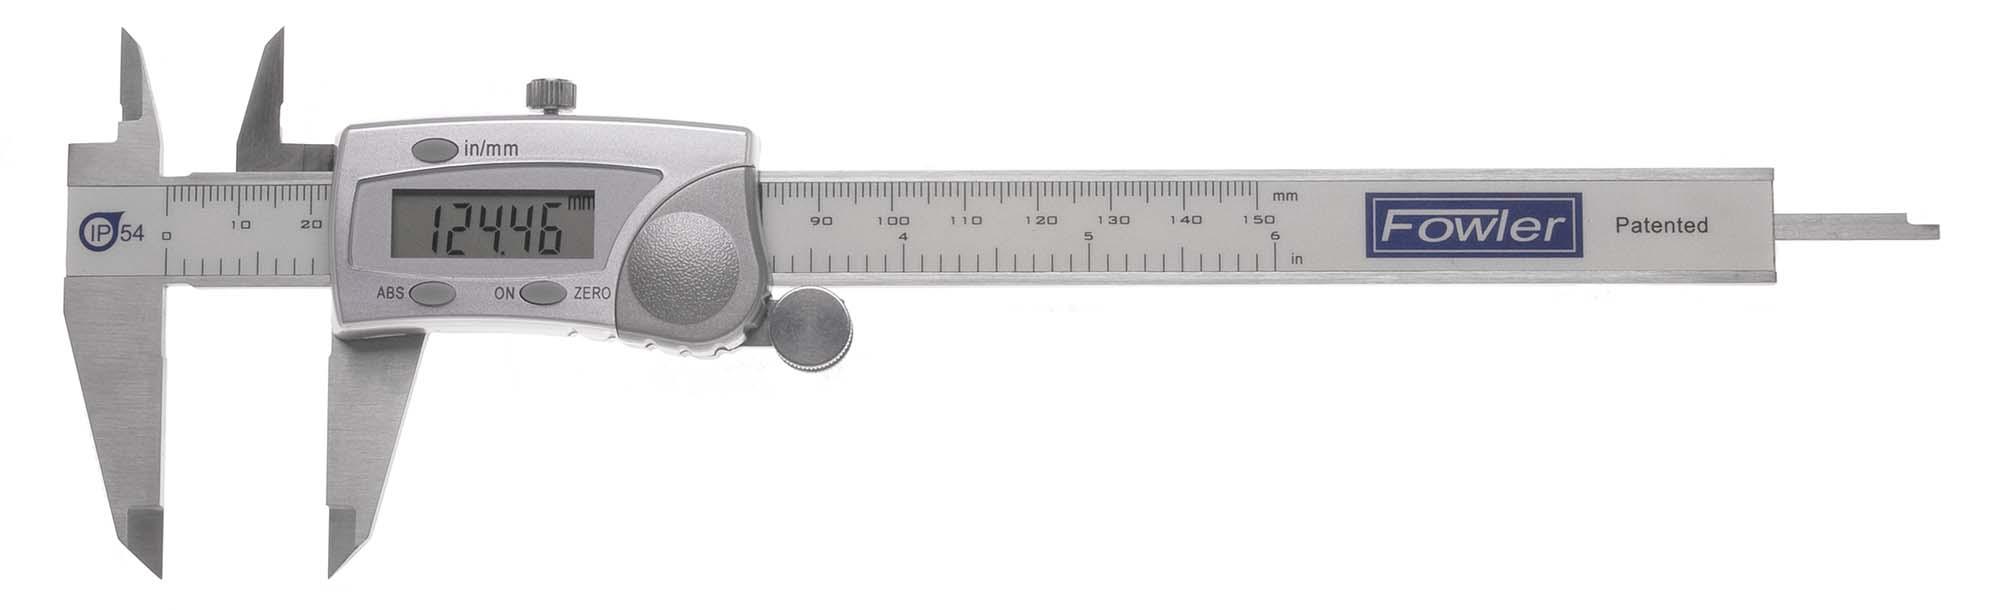 0-6 in. IP54 Fowler Electronic Caliper